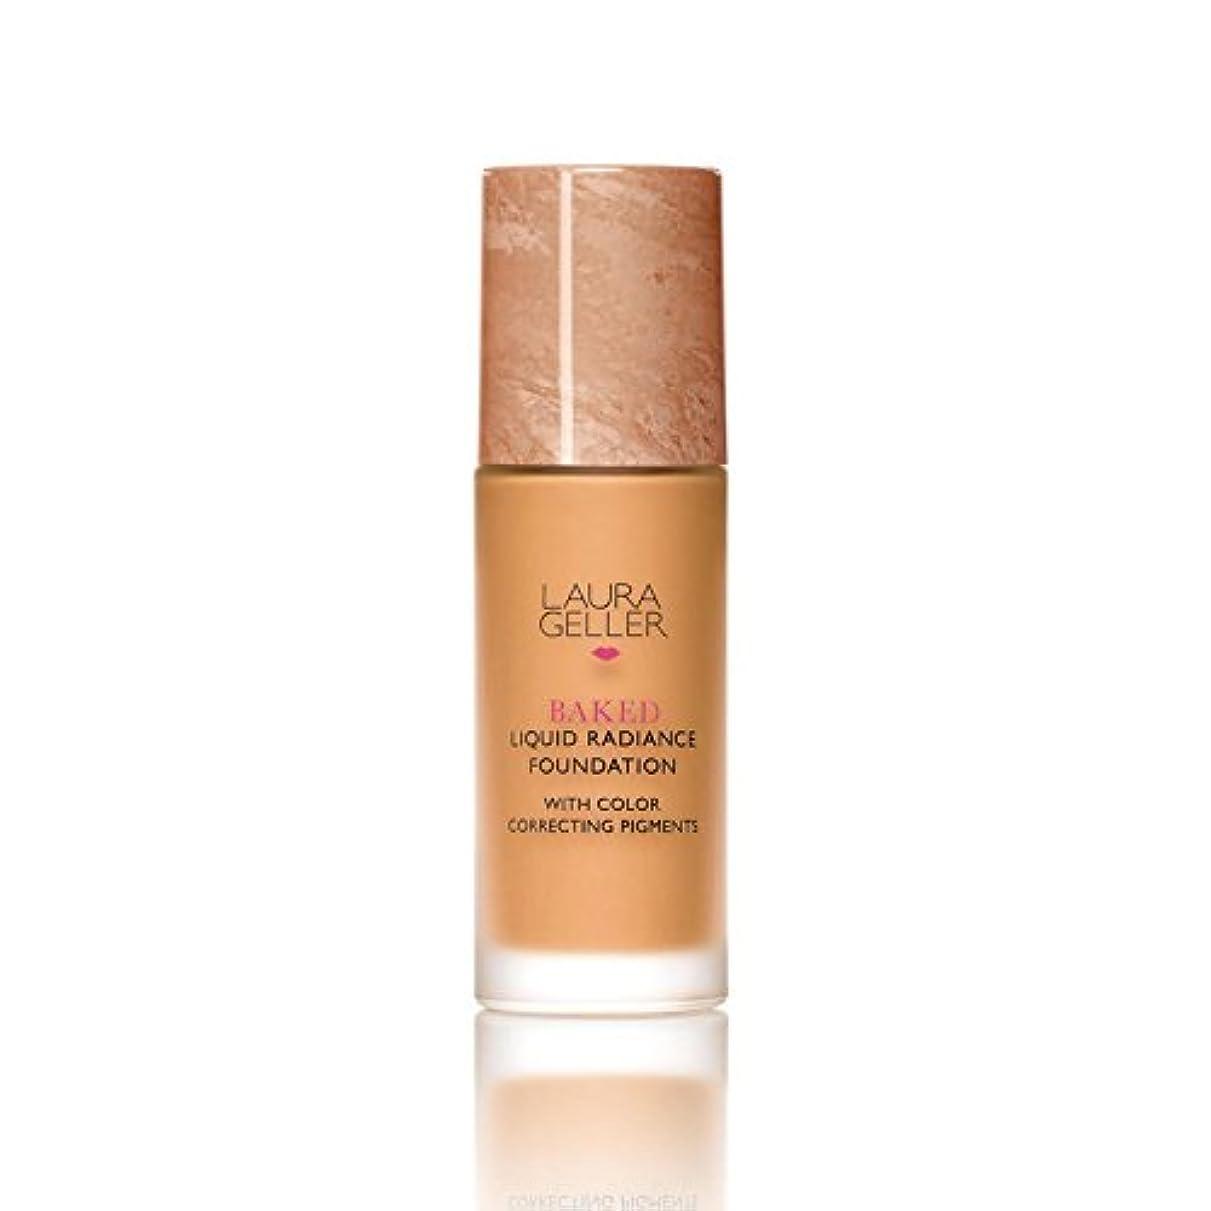 キッチン皮見通しローラ?ゲラーニューヨーク焼いた液体放射輝度基盤日焼け x4 - Laura Geller New York Baked Liquid Radiance Foundation Tan (Pack of 4) [並行輸入品]